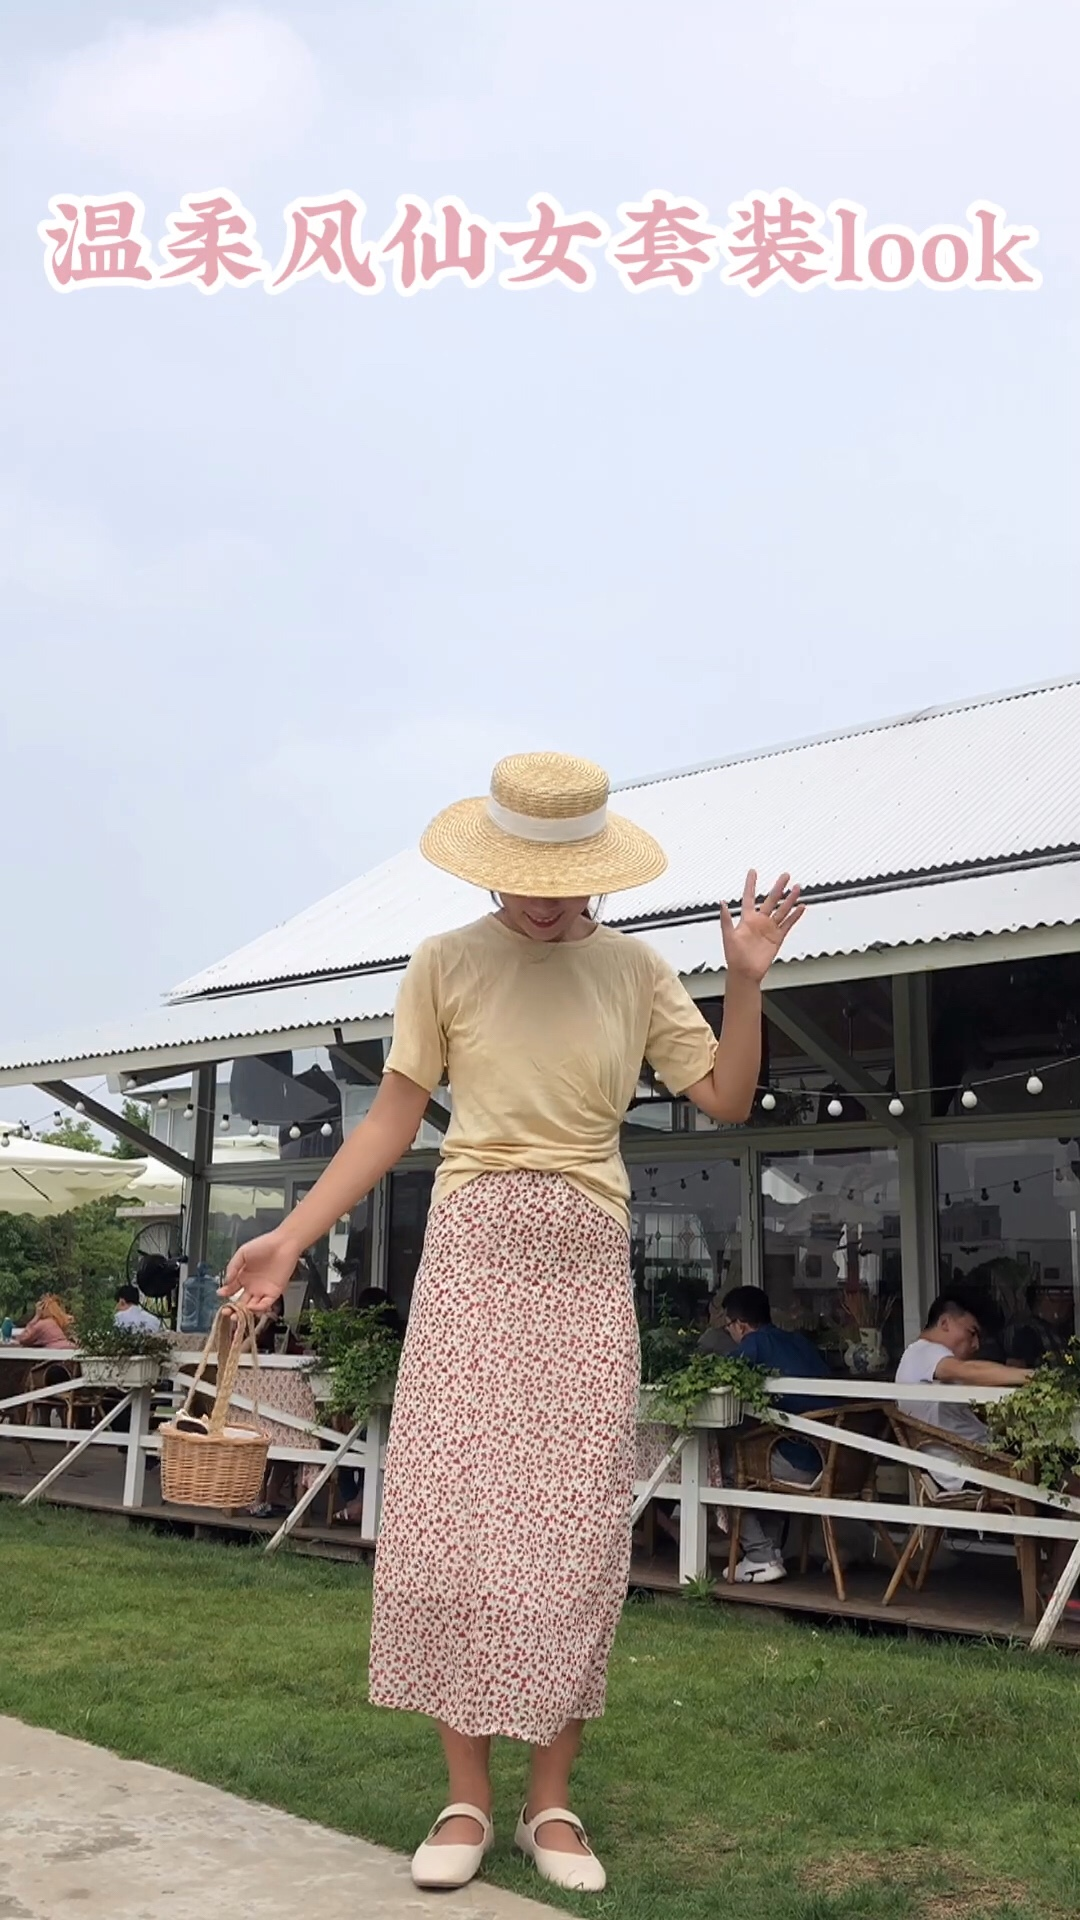 #七夕穿搭攻略,预热走起!#T恤+半裙俨然成为了夏季里女生出行的标志性穿搭,过膝的半身裙算是为腿型bug星人寻觅到了真正良人,遮瑕显腿长,搭配简单的T文艺又清新,谁说T恤只能是牛仔裤的专属?搭配裙子一样可以优雅帅气!